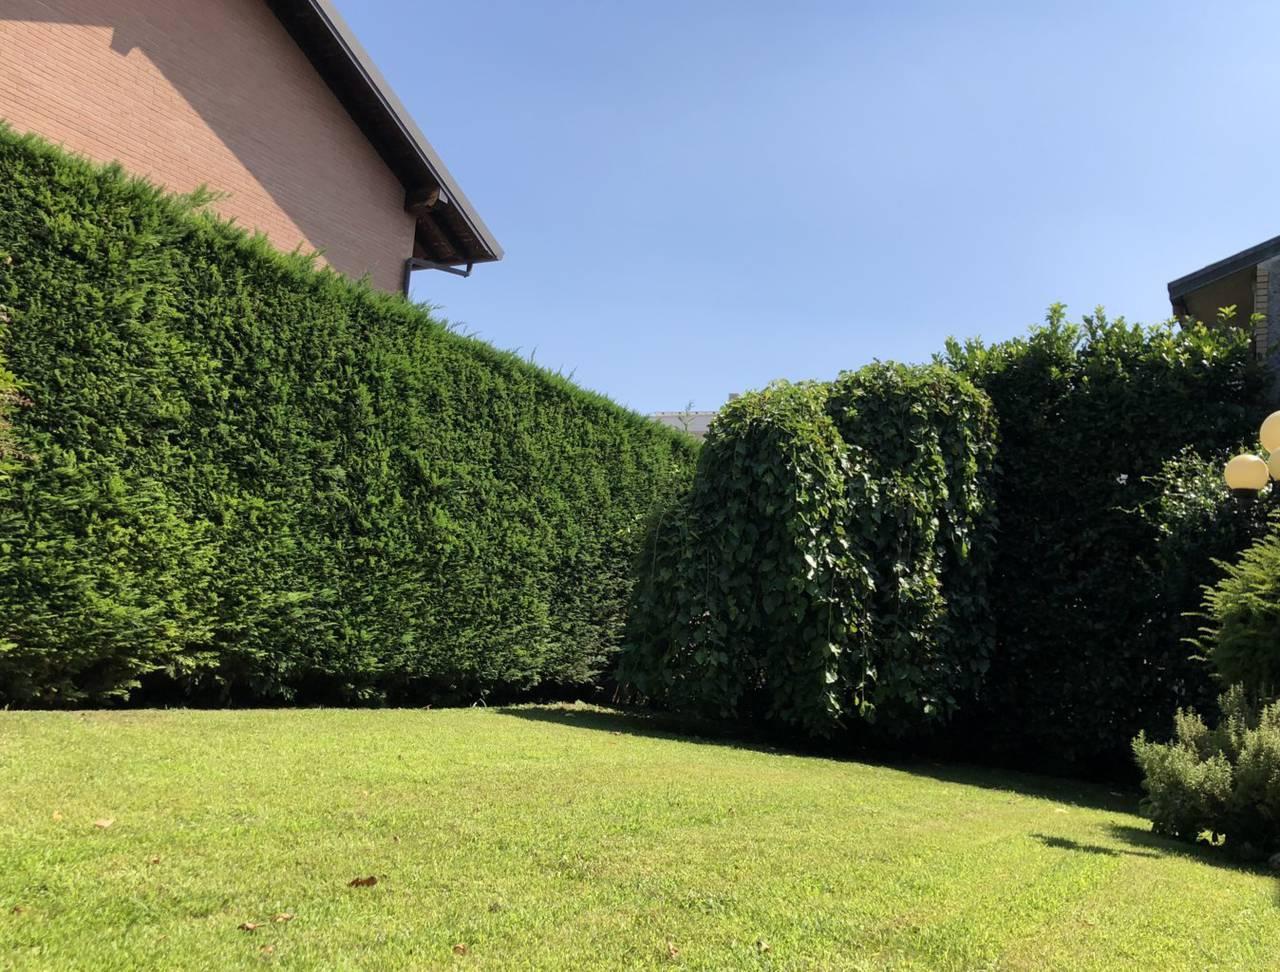 Villa-in-vendita-a-Caronno-Pertusella-23